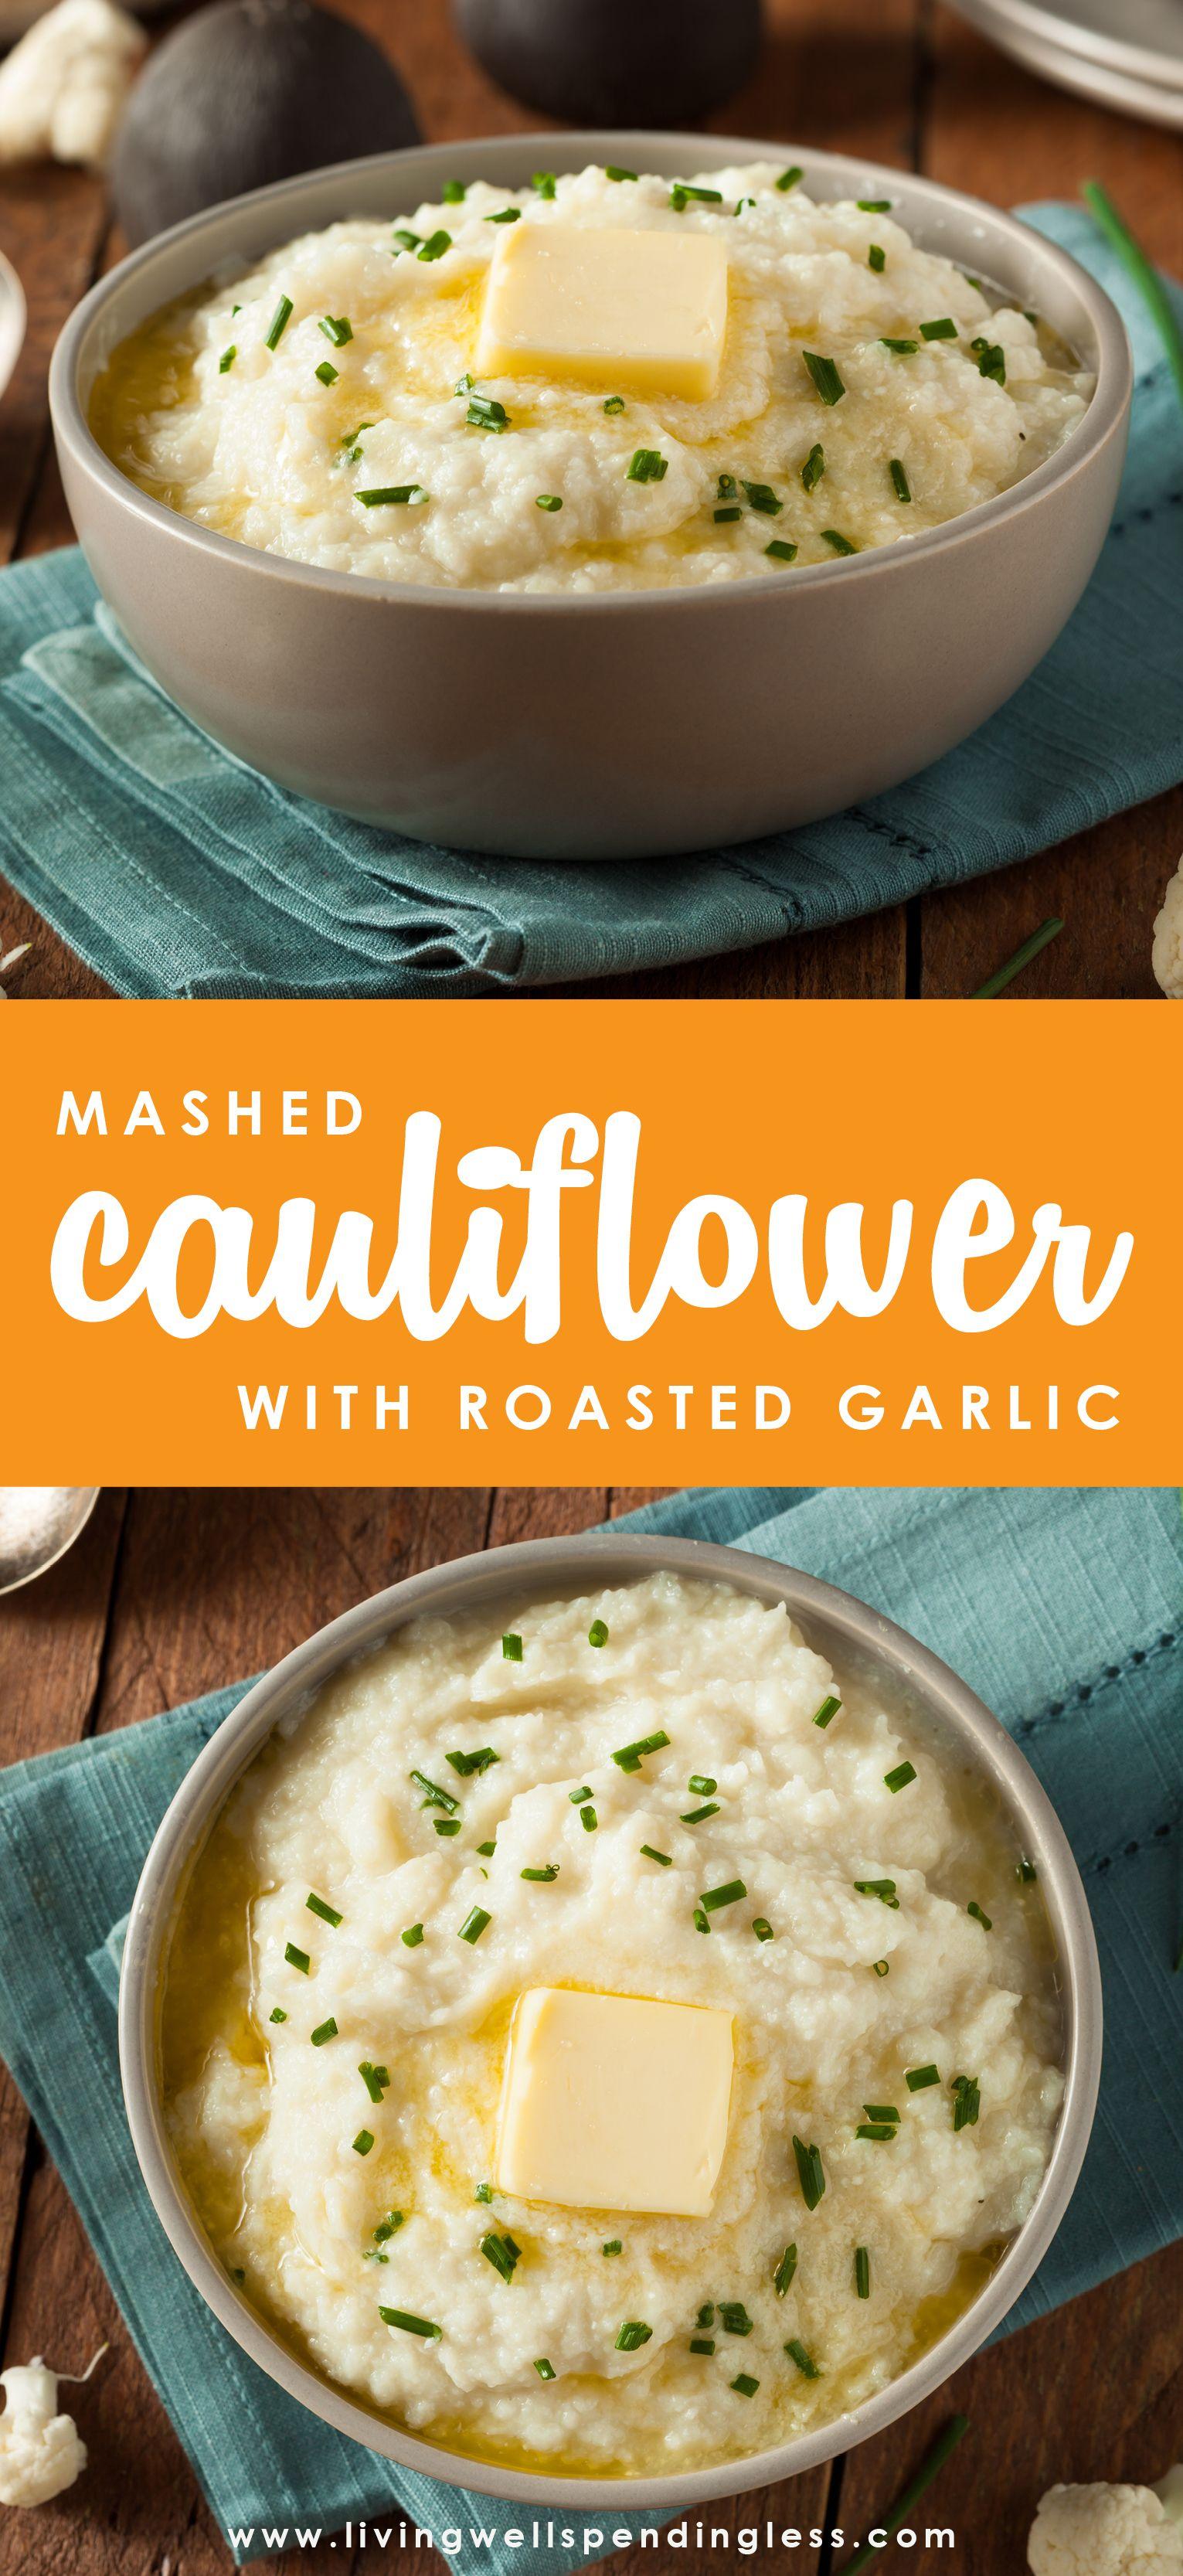 Mashed Cauliflower with Roasted Garlic images